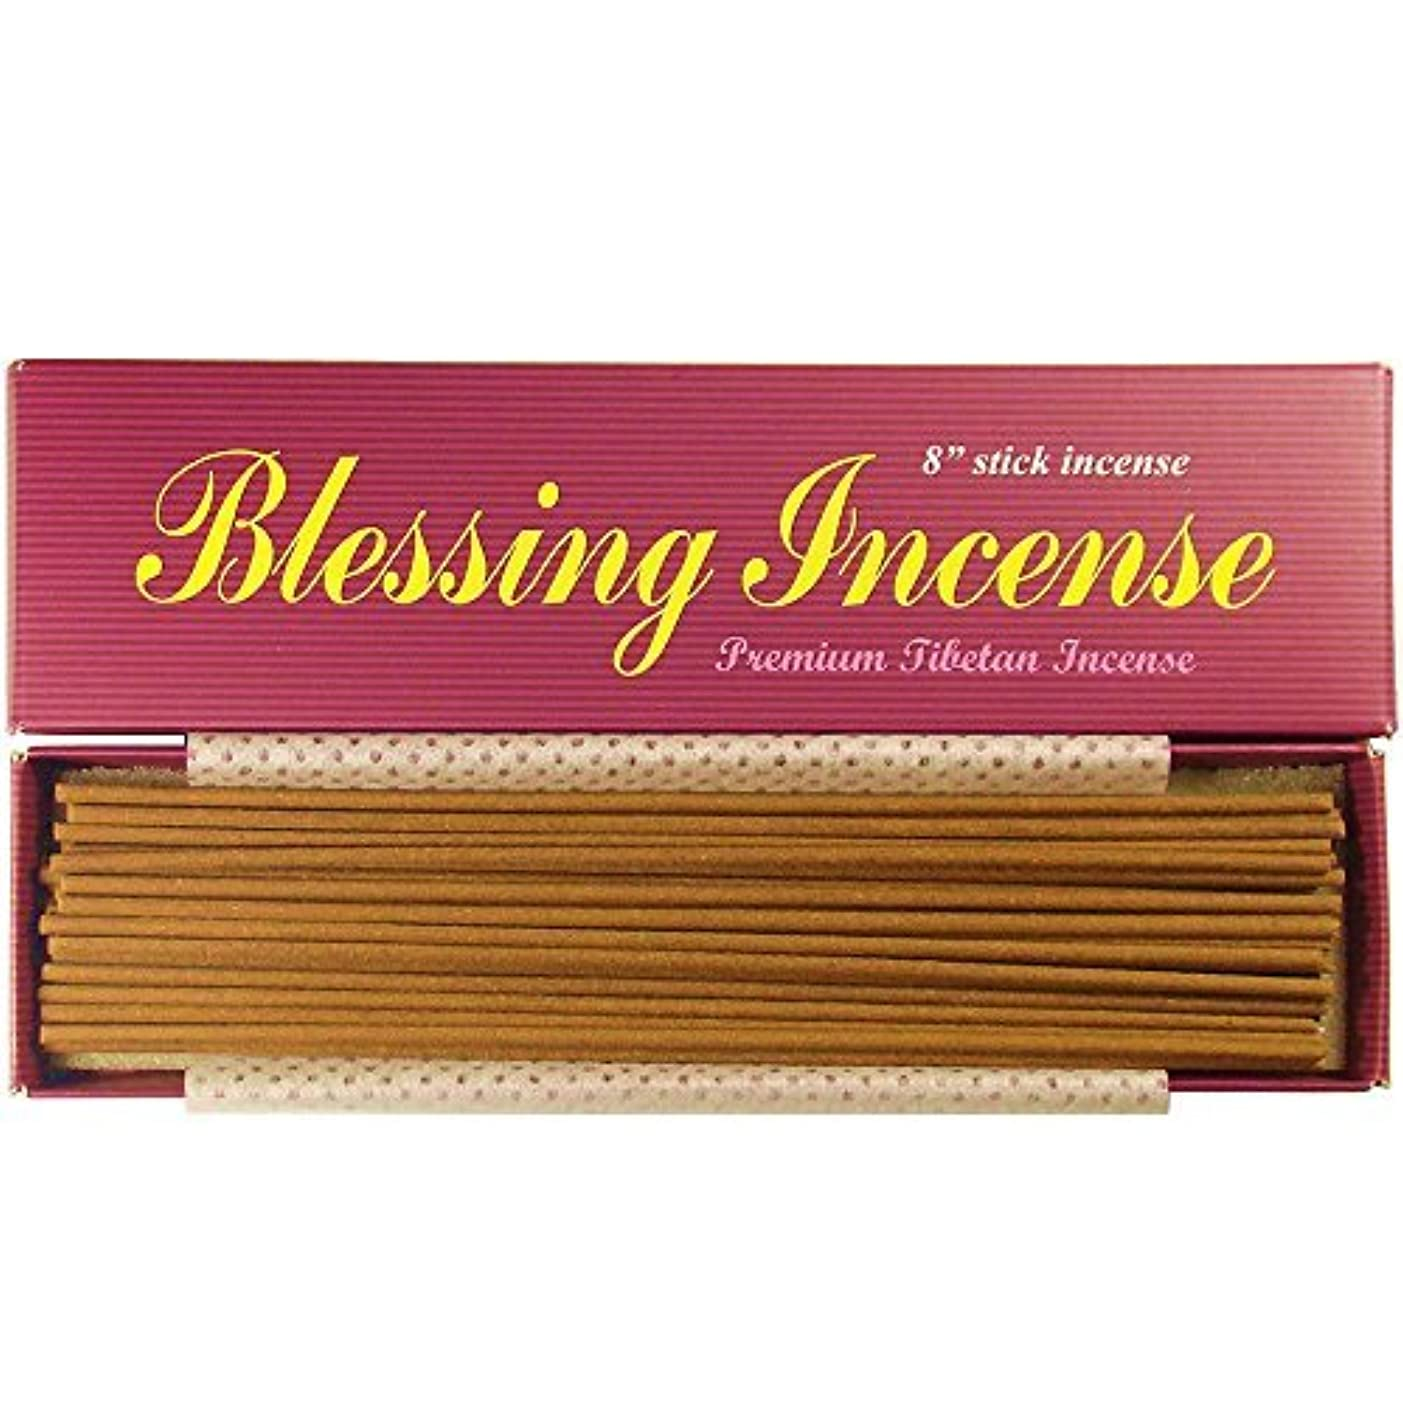 扱いやすいスタンドリマBlessing Incense - 8 Stick Incense - 100% Natural - C003T [並行輸入品]